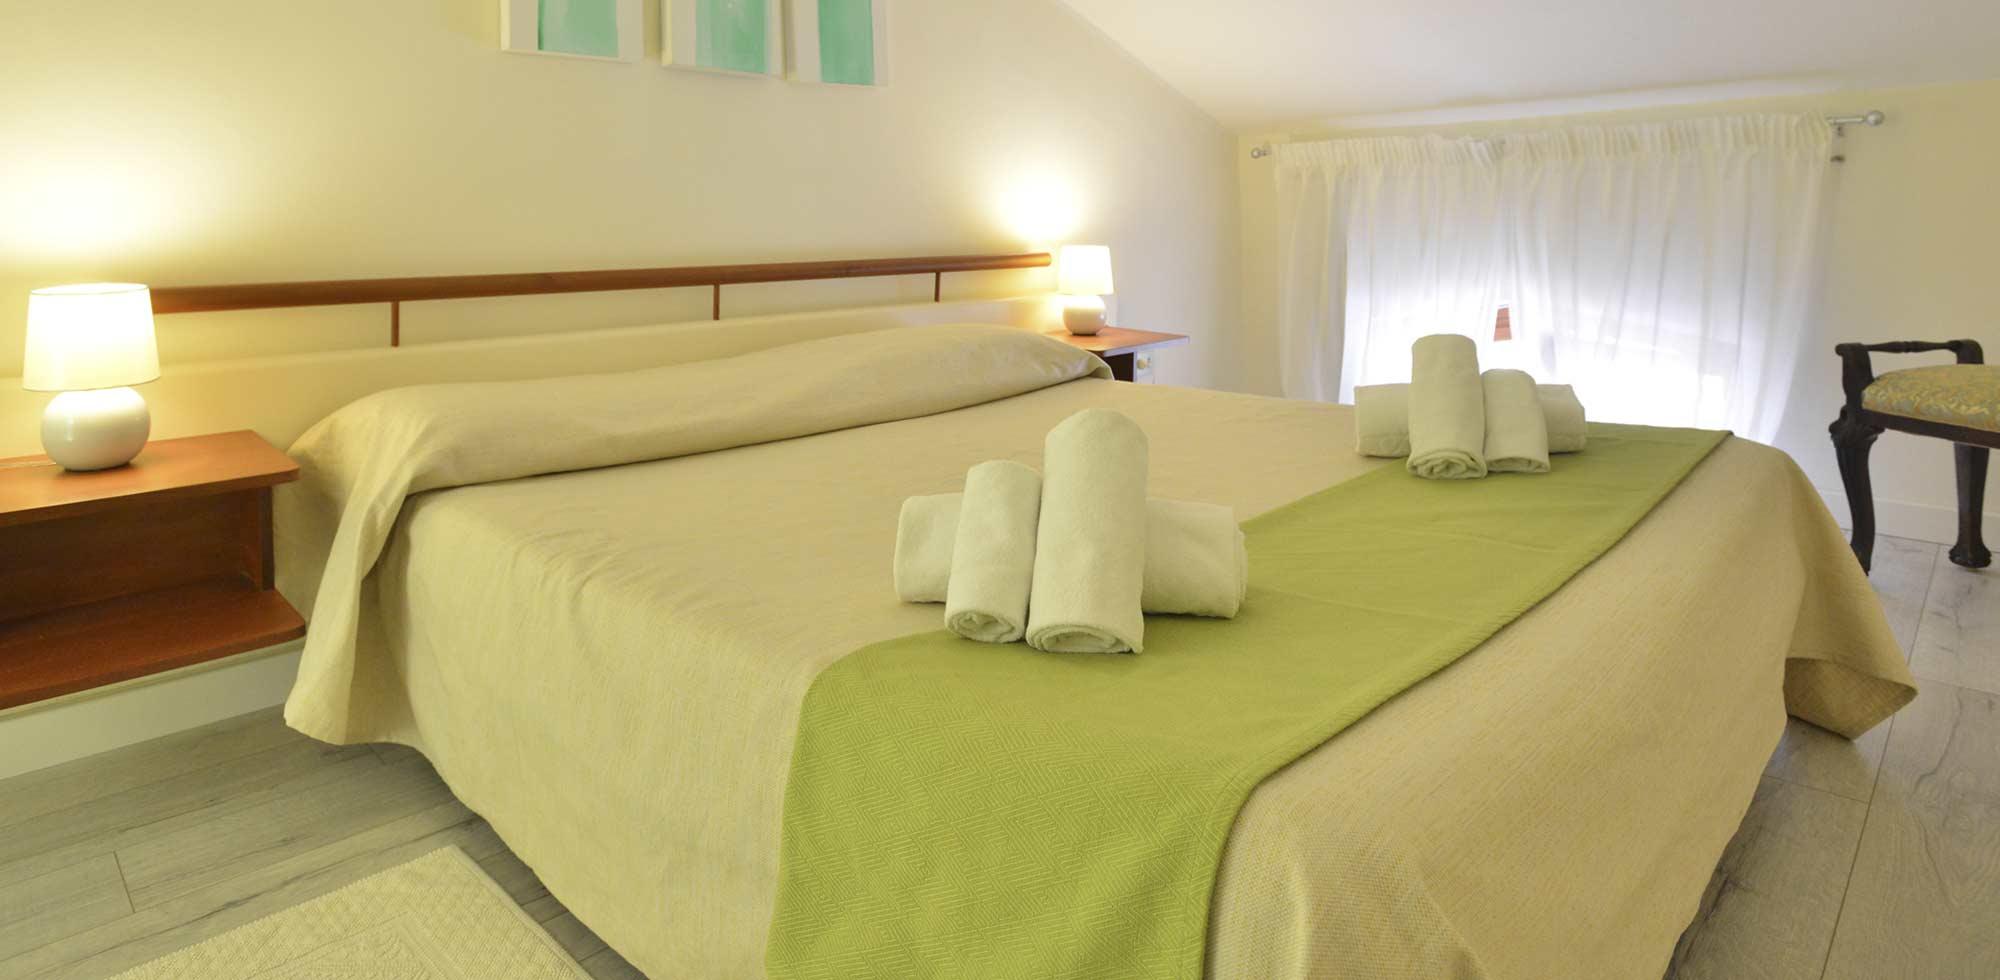 Maison Matisse Apartment